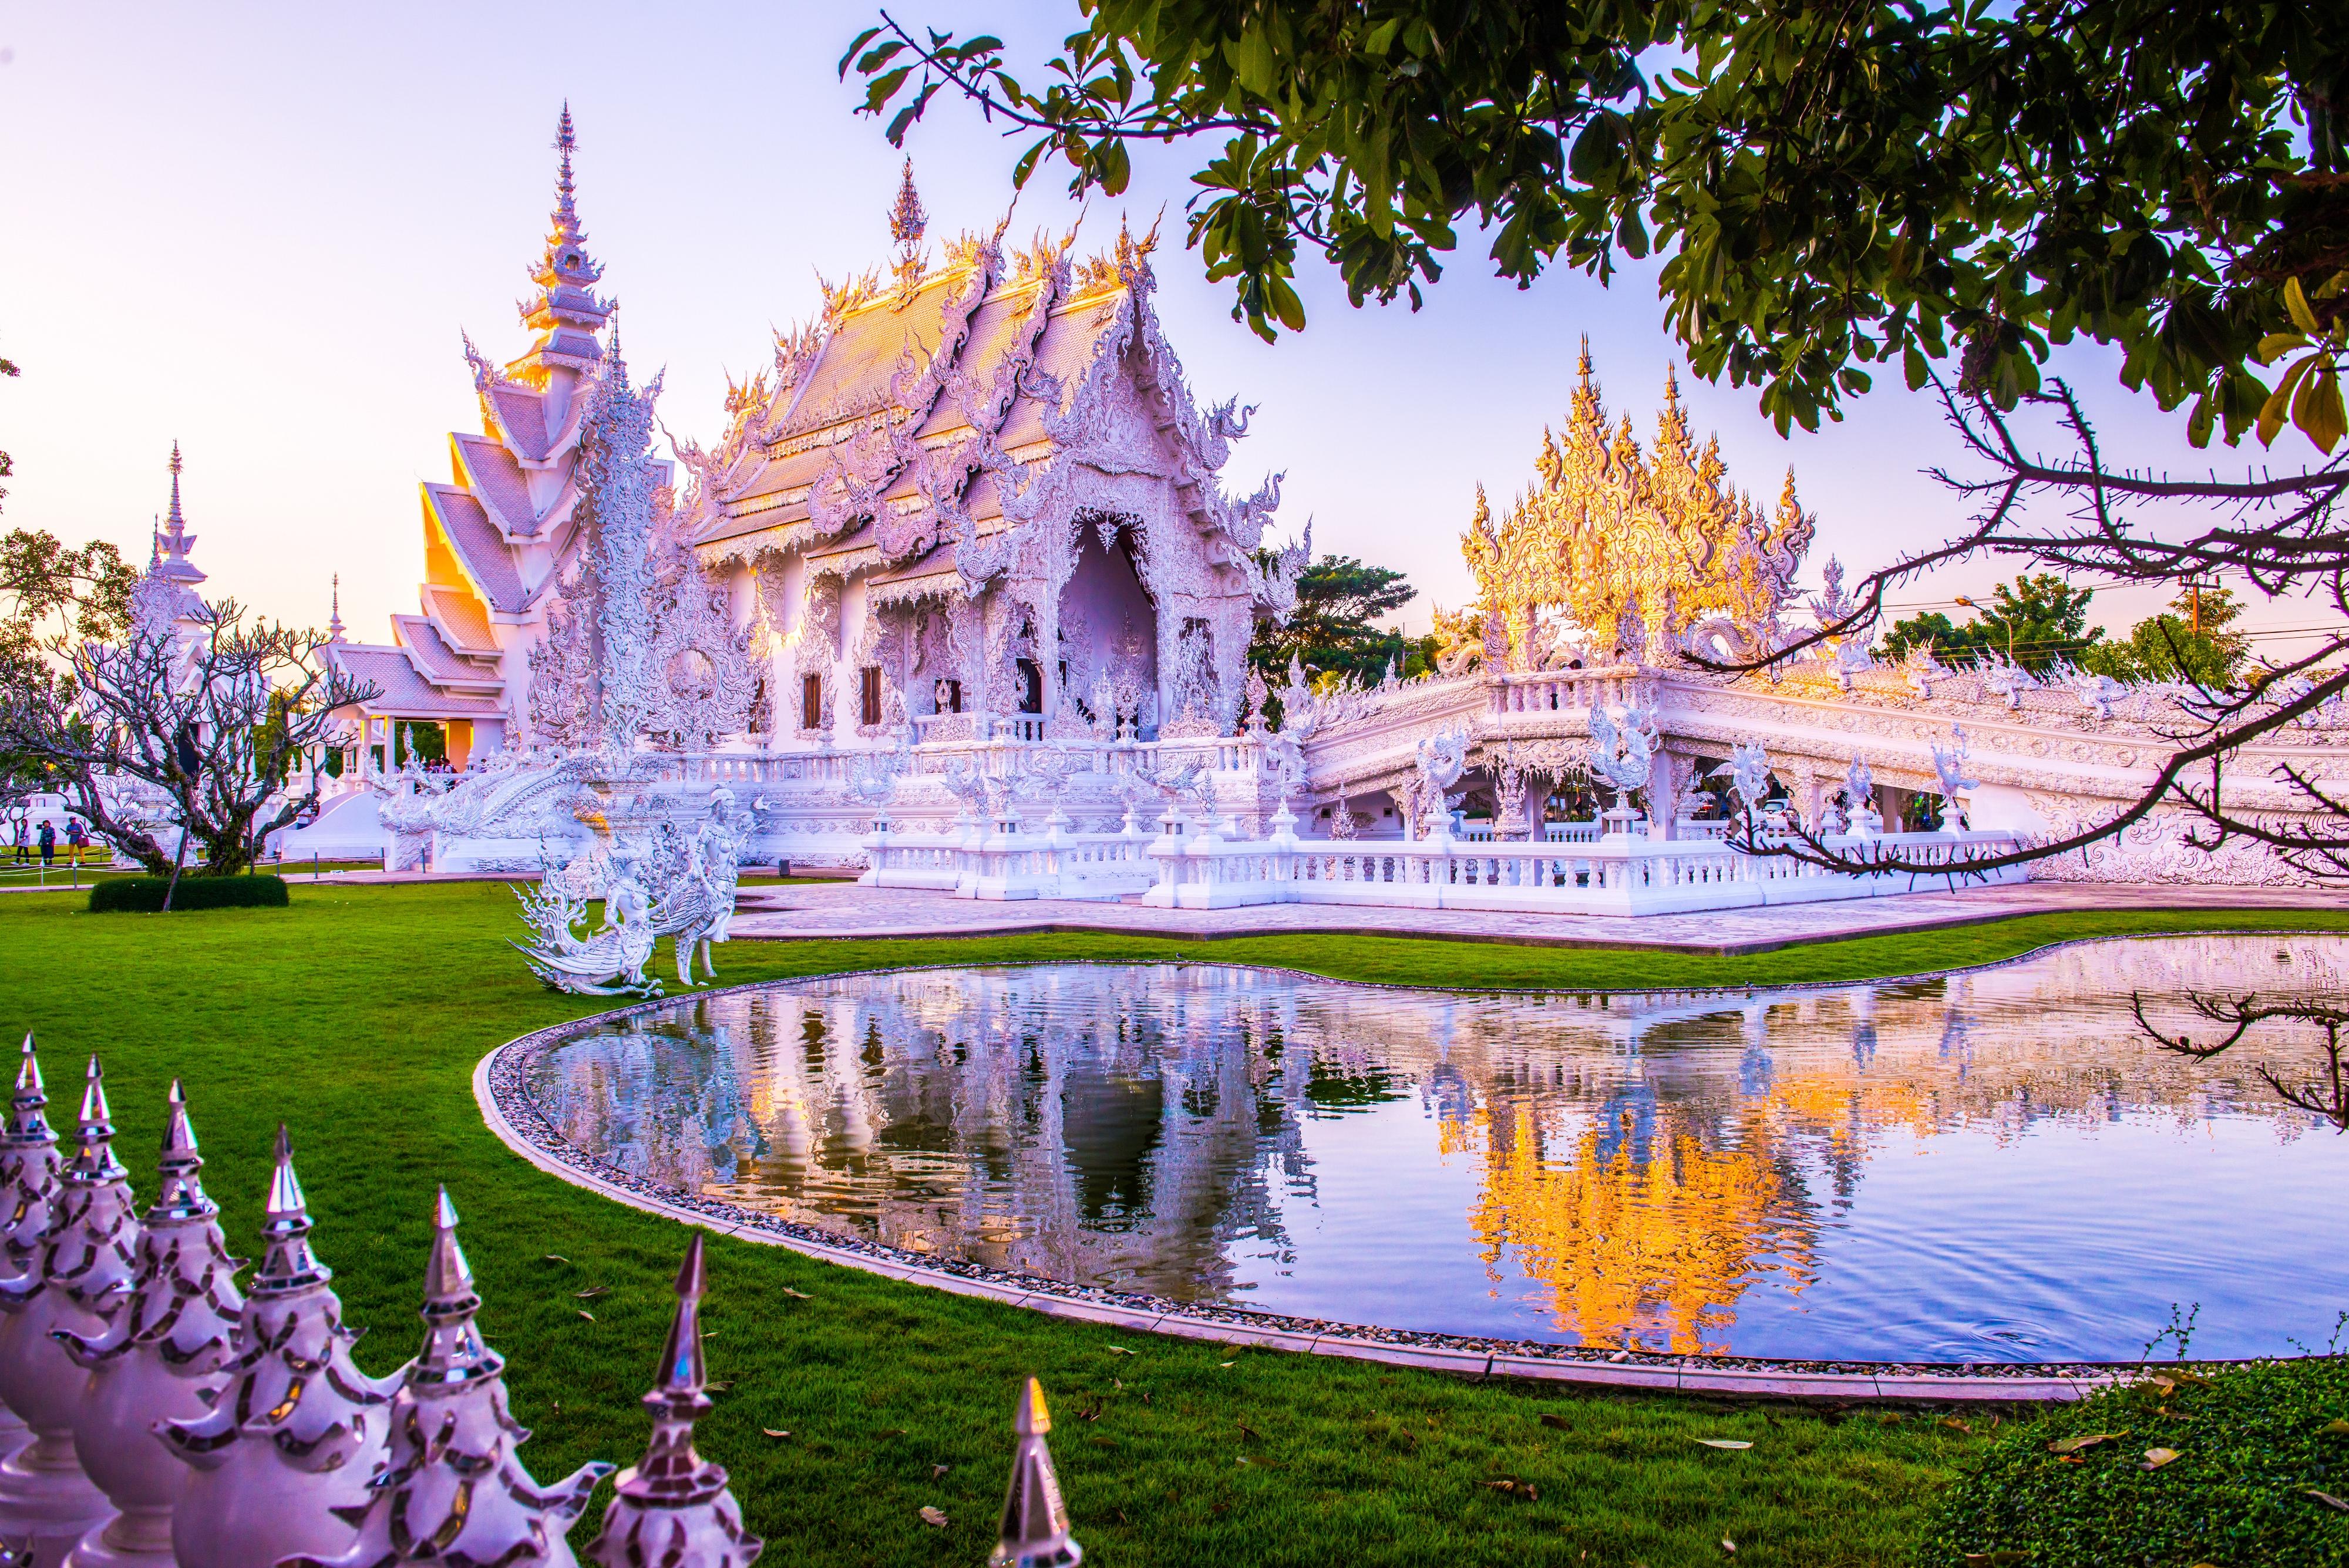 清迈泰国+清莱7日跟团游※落地签免费拿及设计花园别墅制作凉亭图片